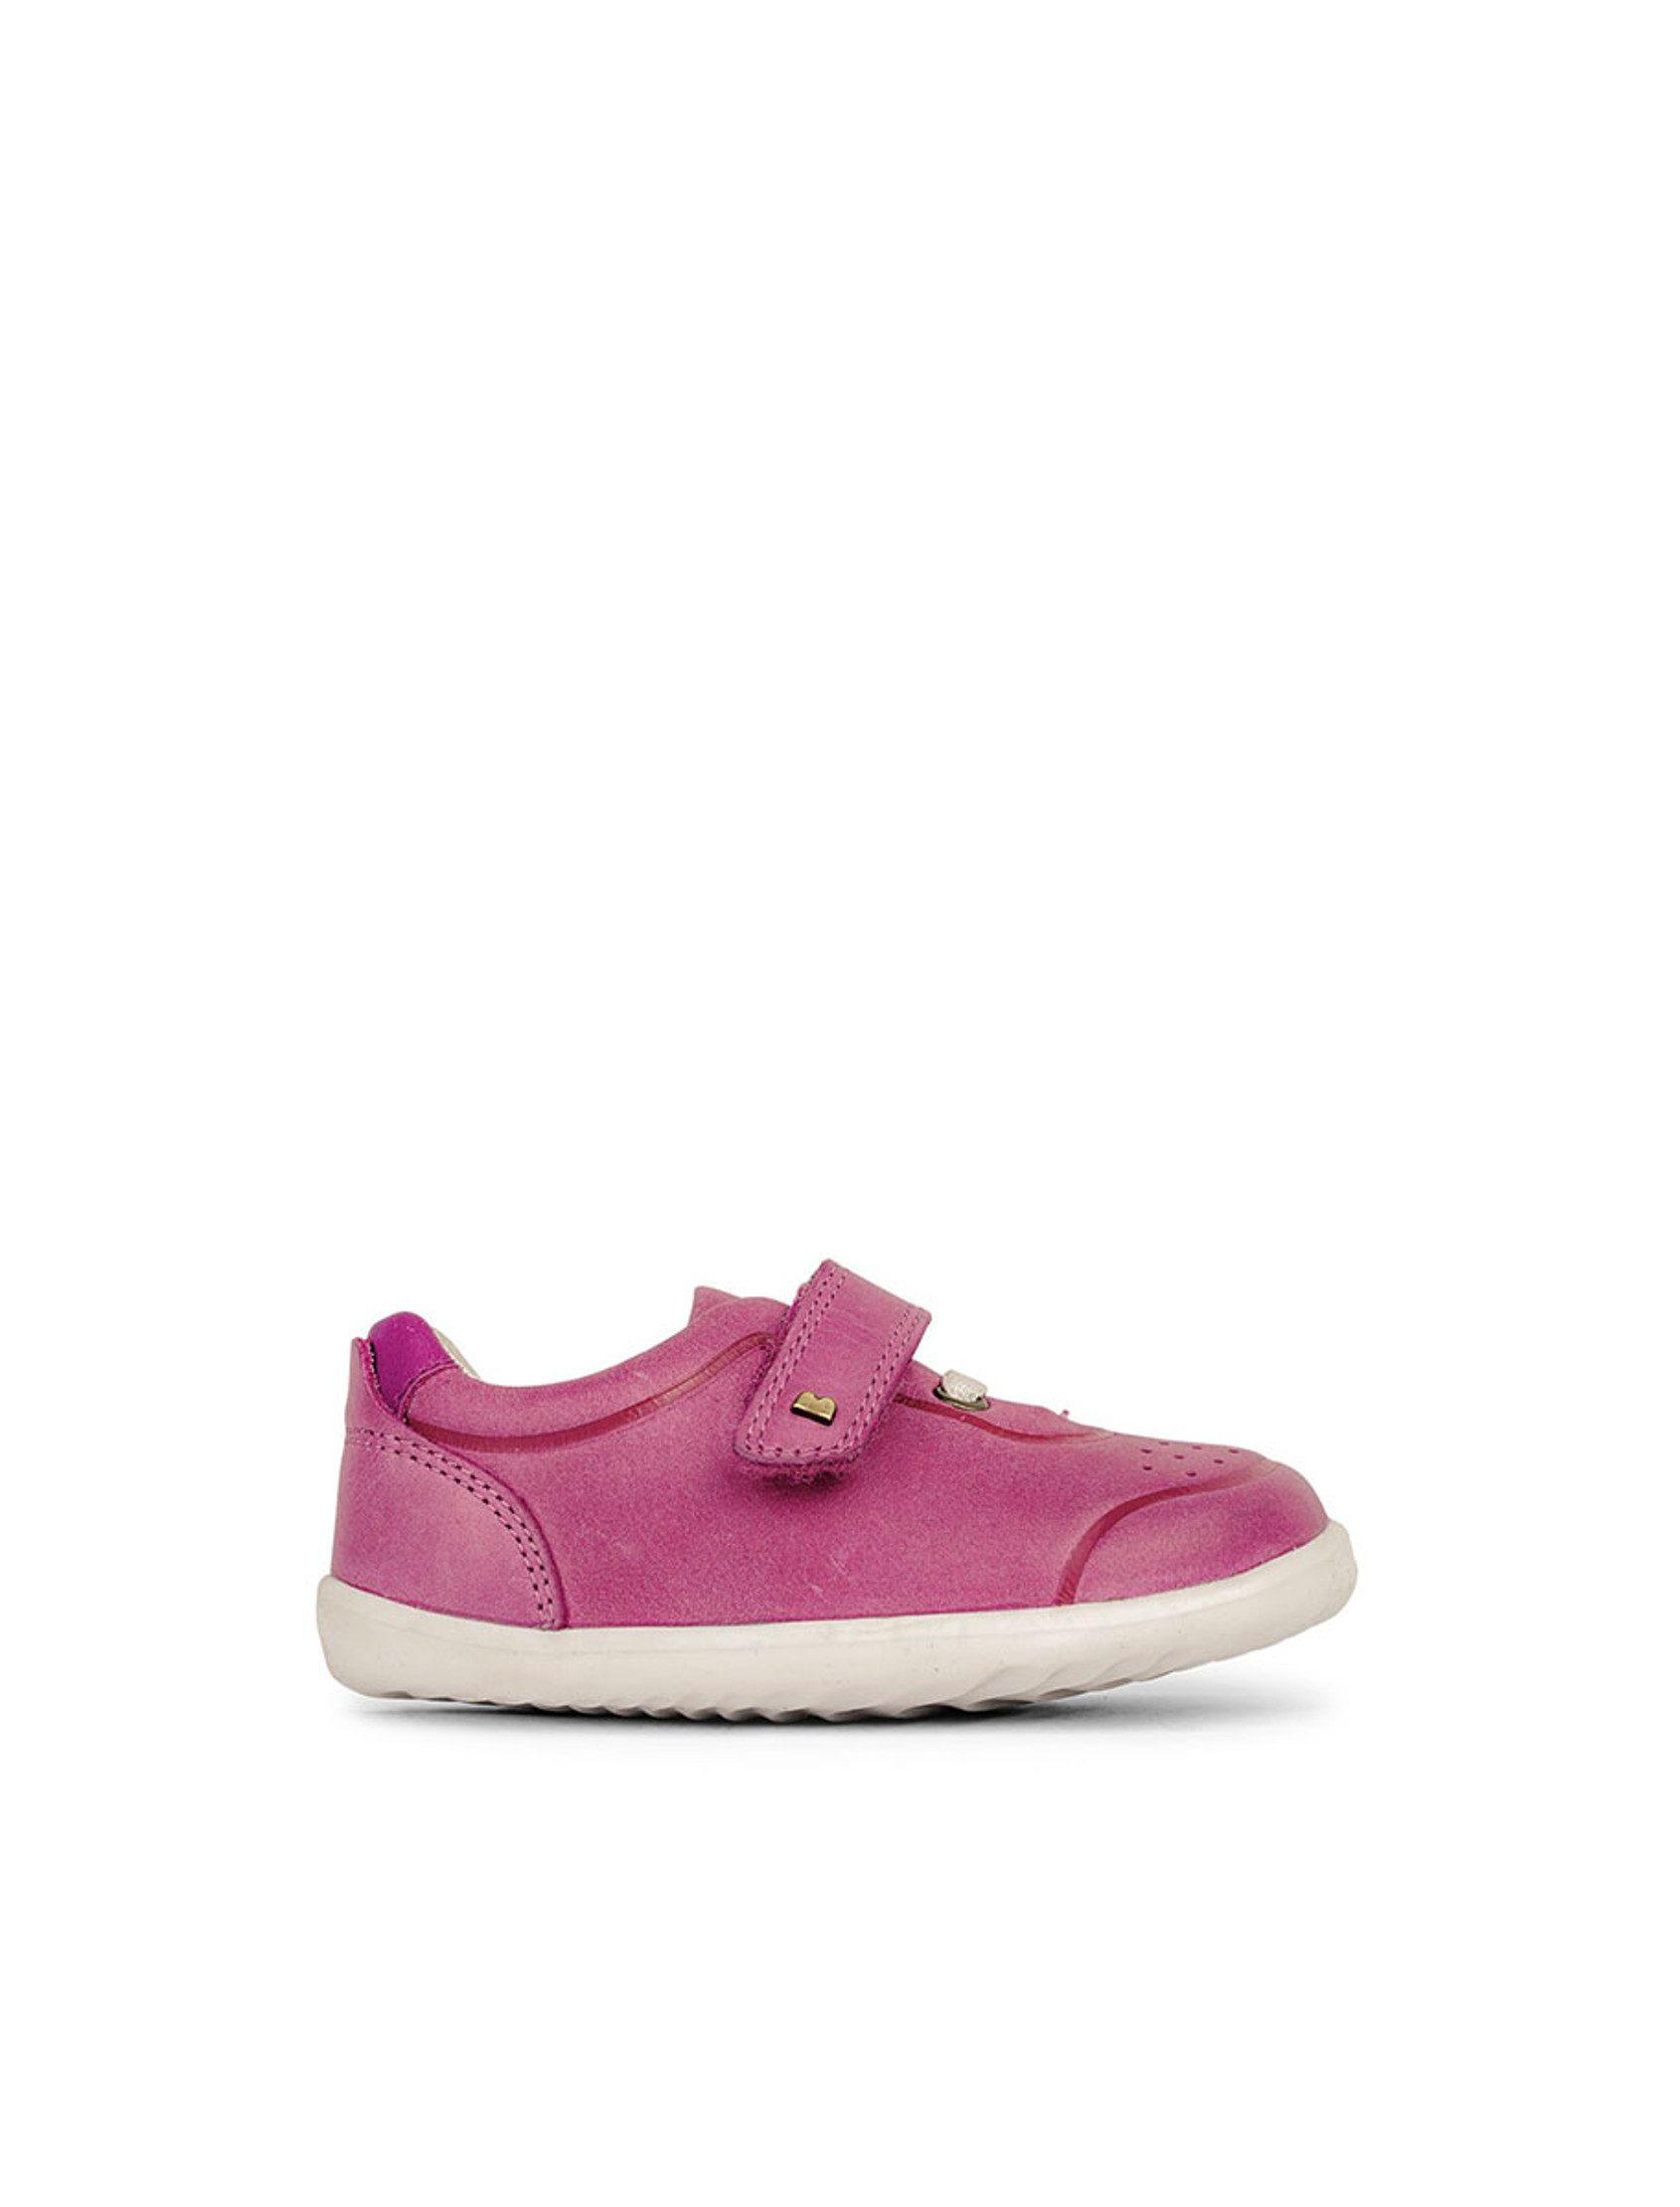 Zapatillas deportivas de piel color rosa fucsia. Ligera y a la vez resistente; con cierre de velcro es fácil de poner y fácil de quitar.